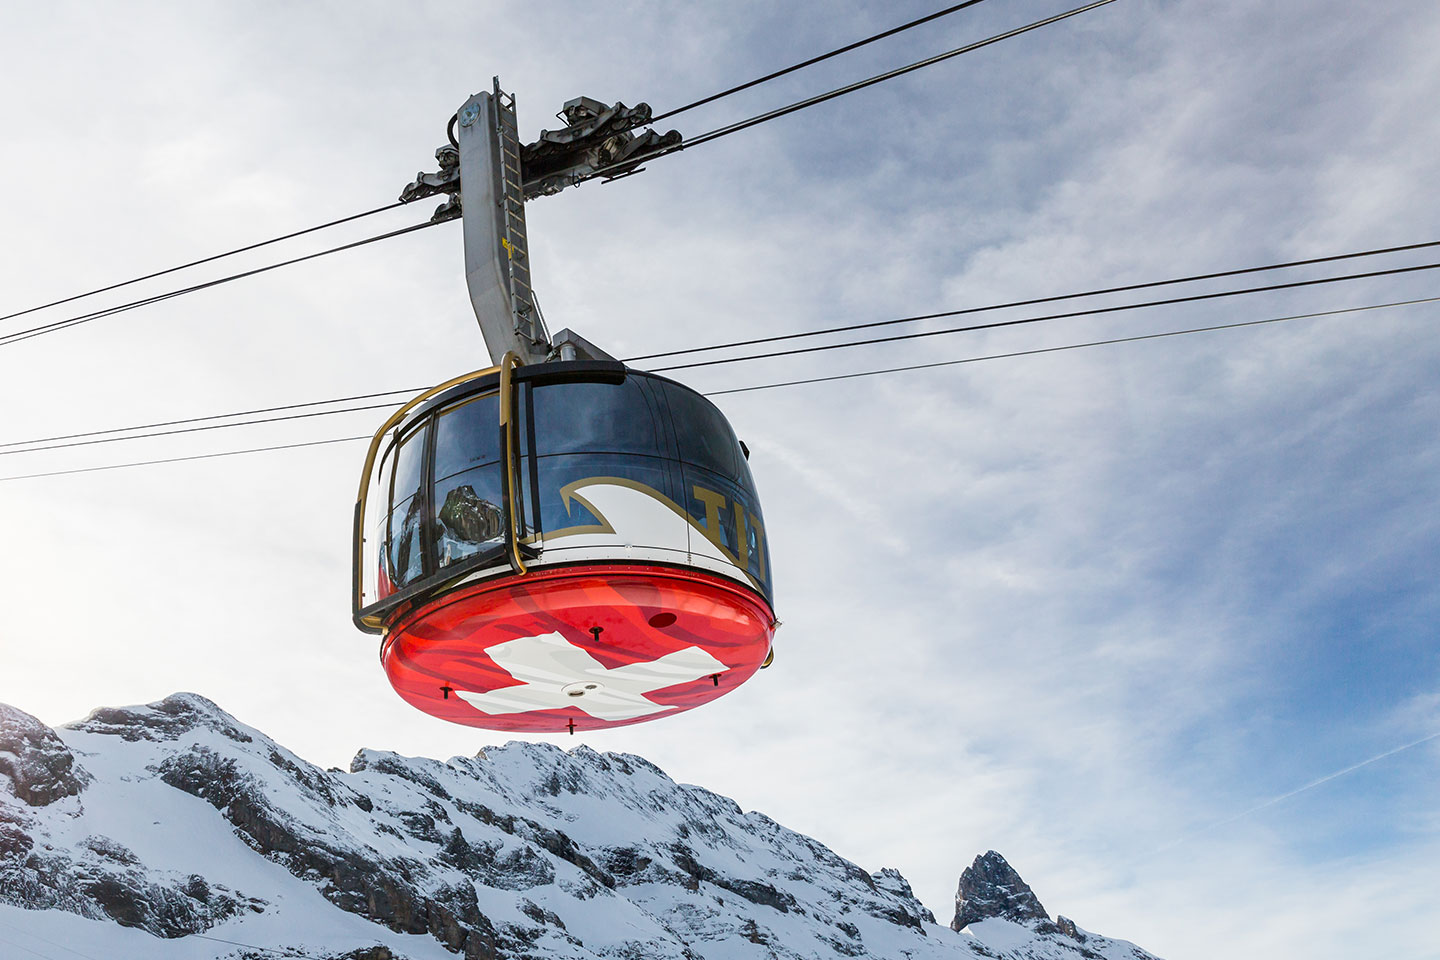 1440x960-Swiss-ski